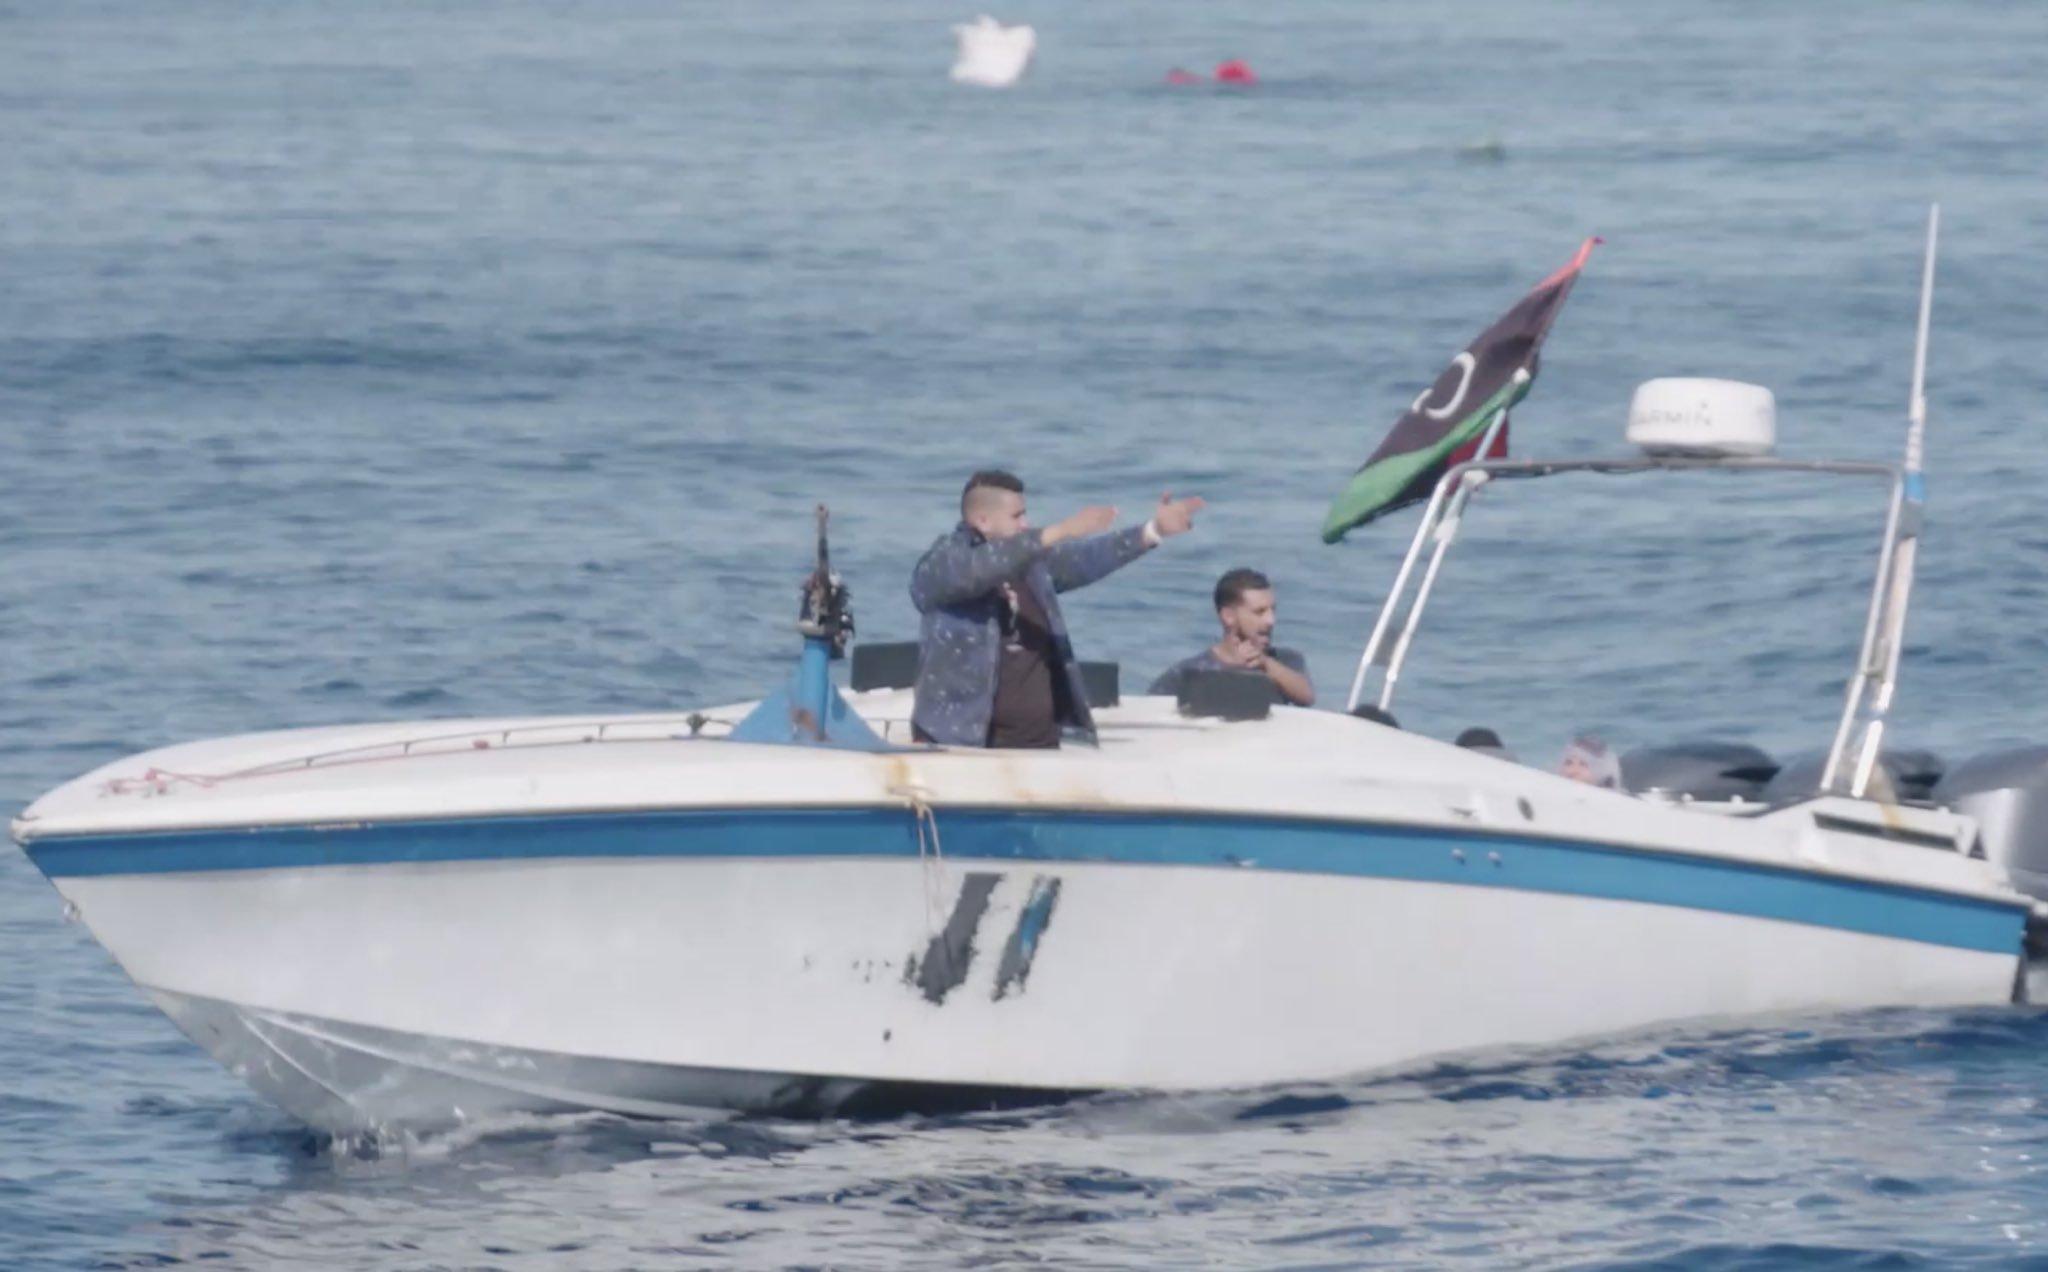 مسلحين على متن زورق يحمل علم ليبيا يطلقون النار على سفينة إنقاذ ألمانية